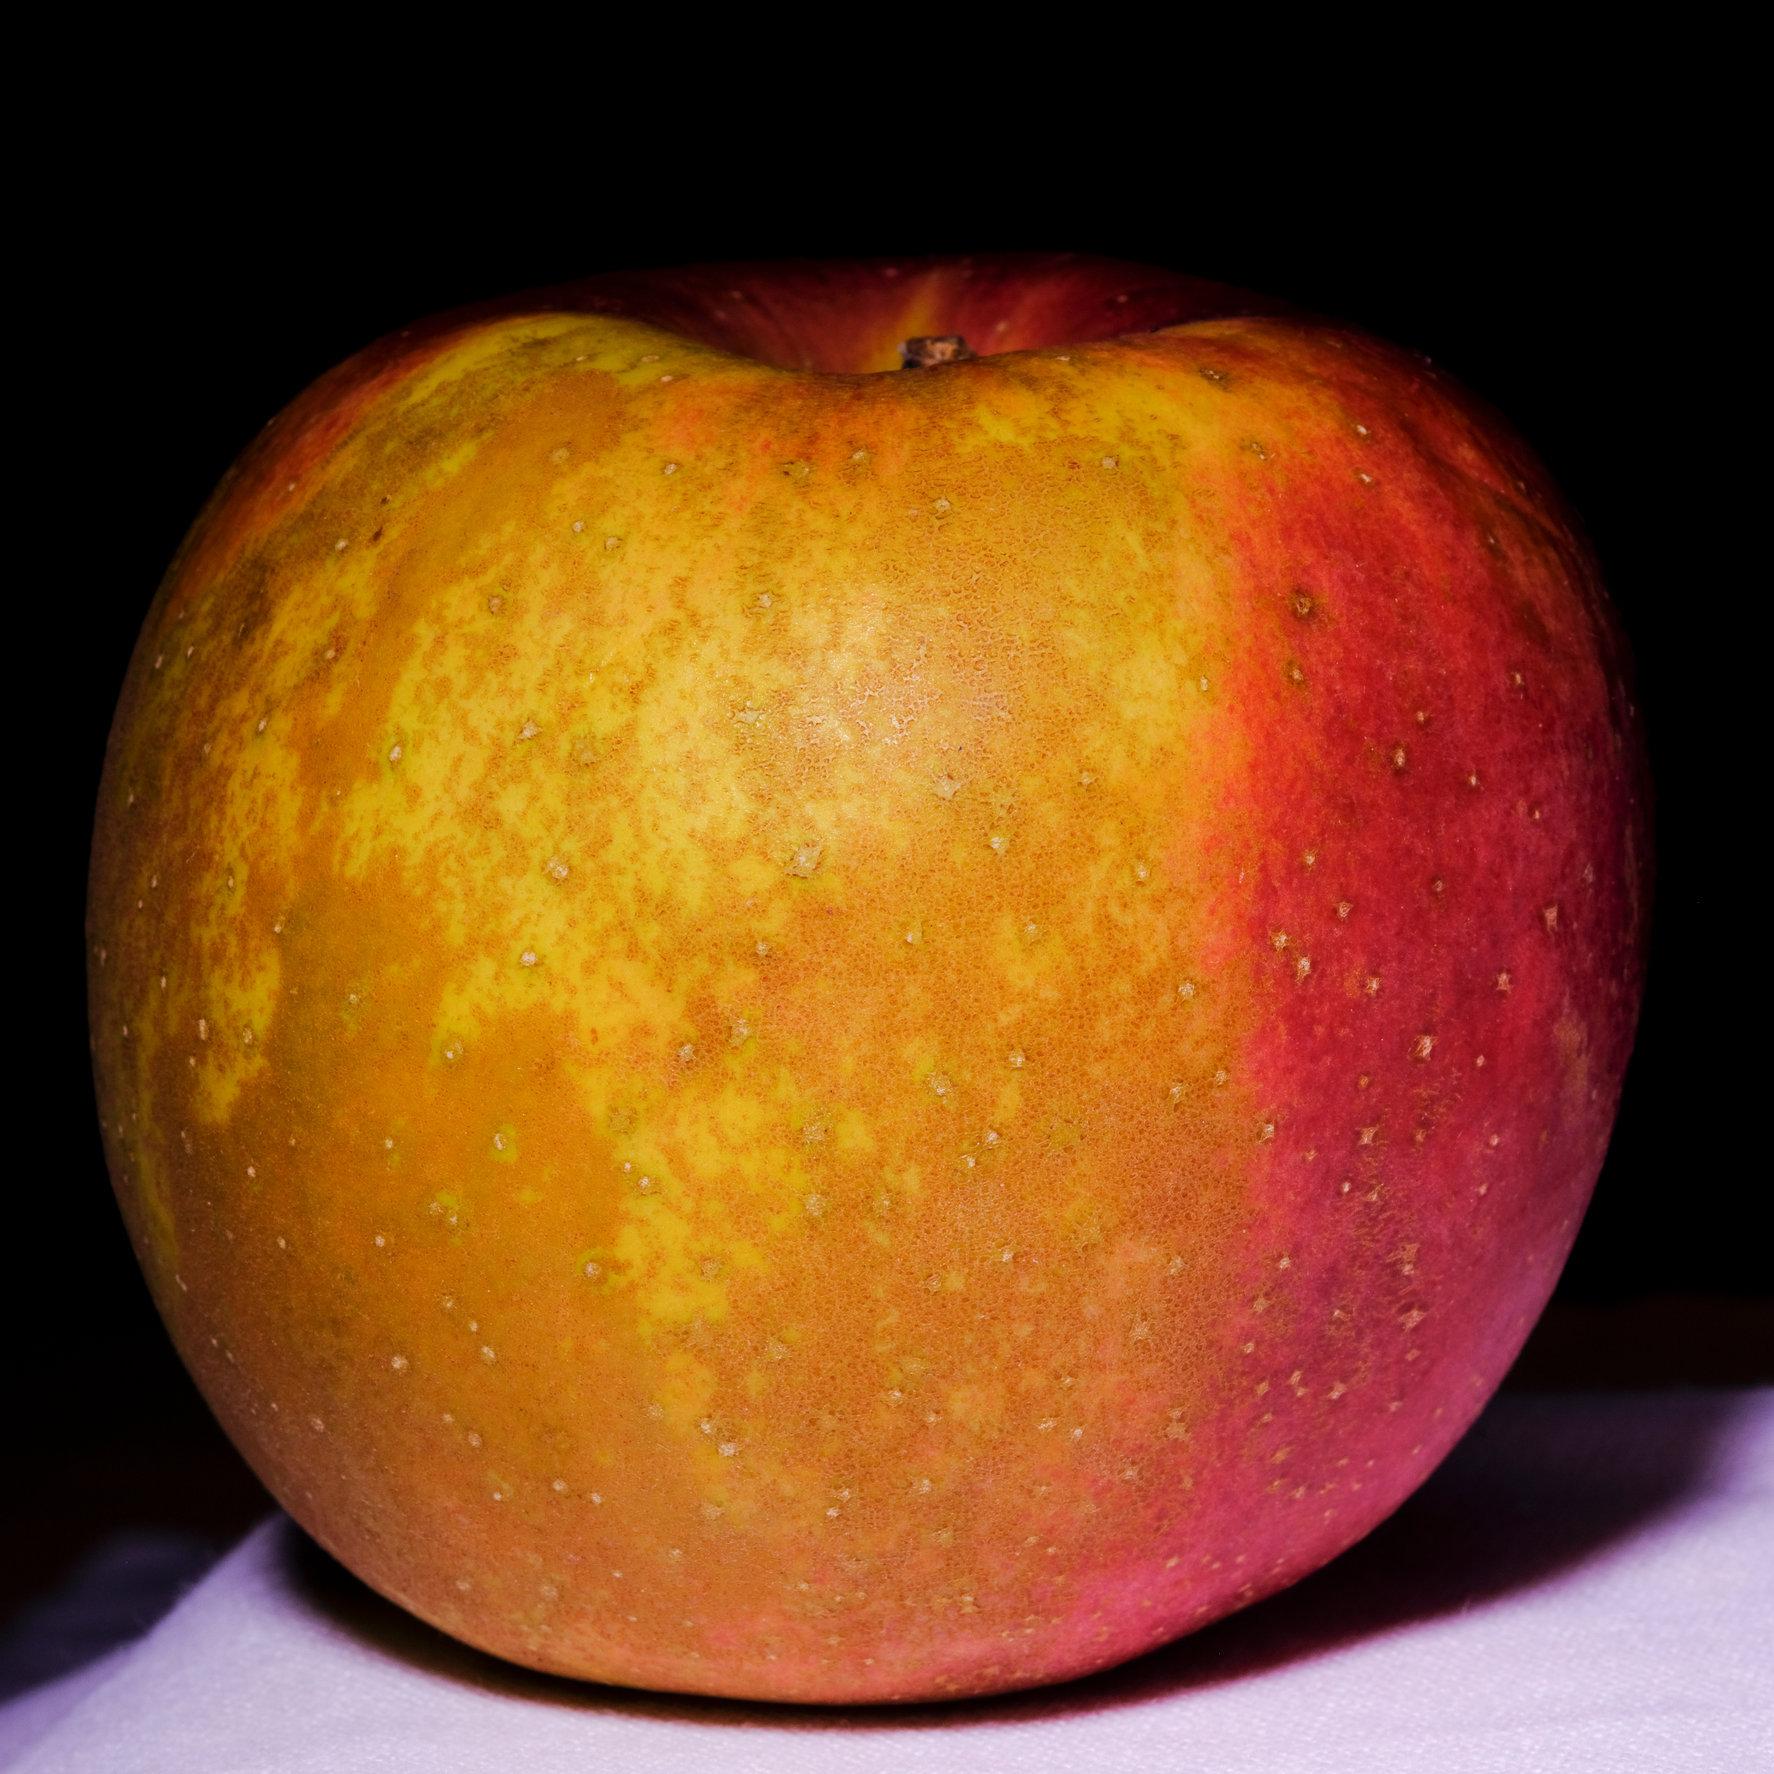 Still Life Series Apple -0139.jpg